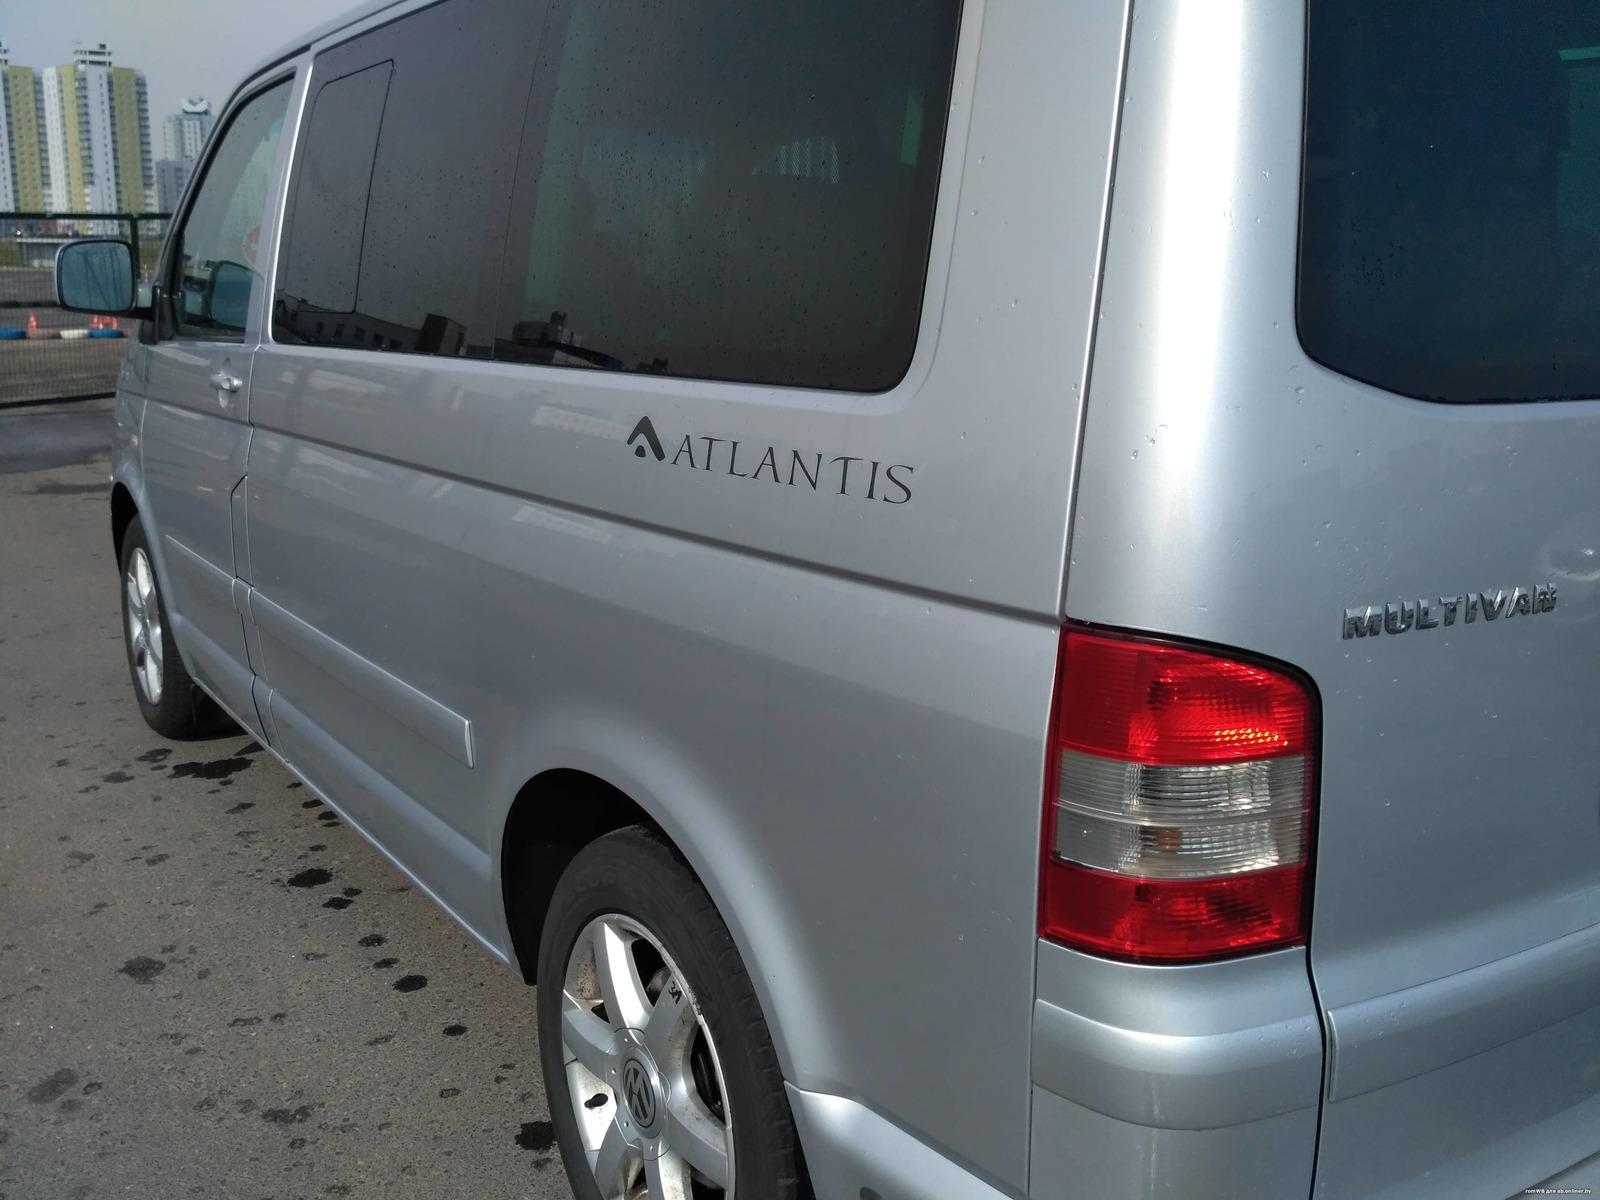 Volkswagen T5 Multivan Atlantis